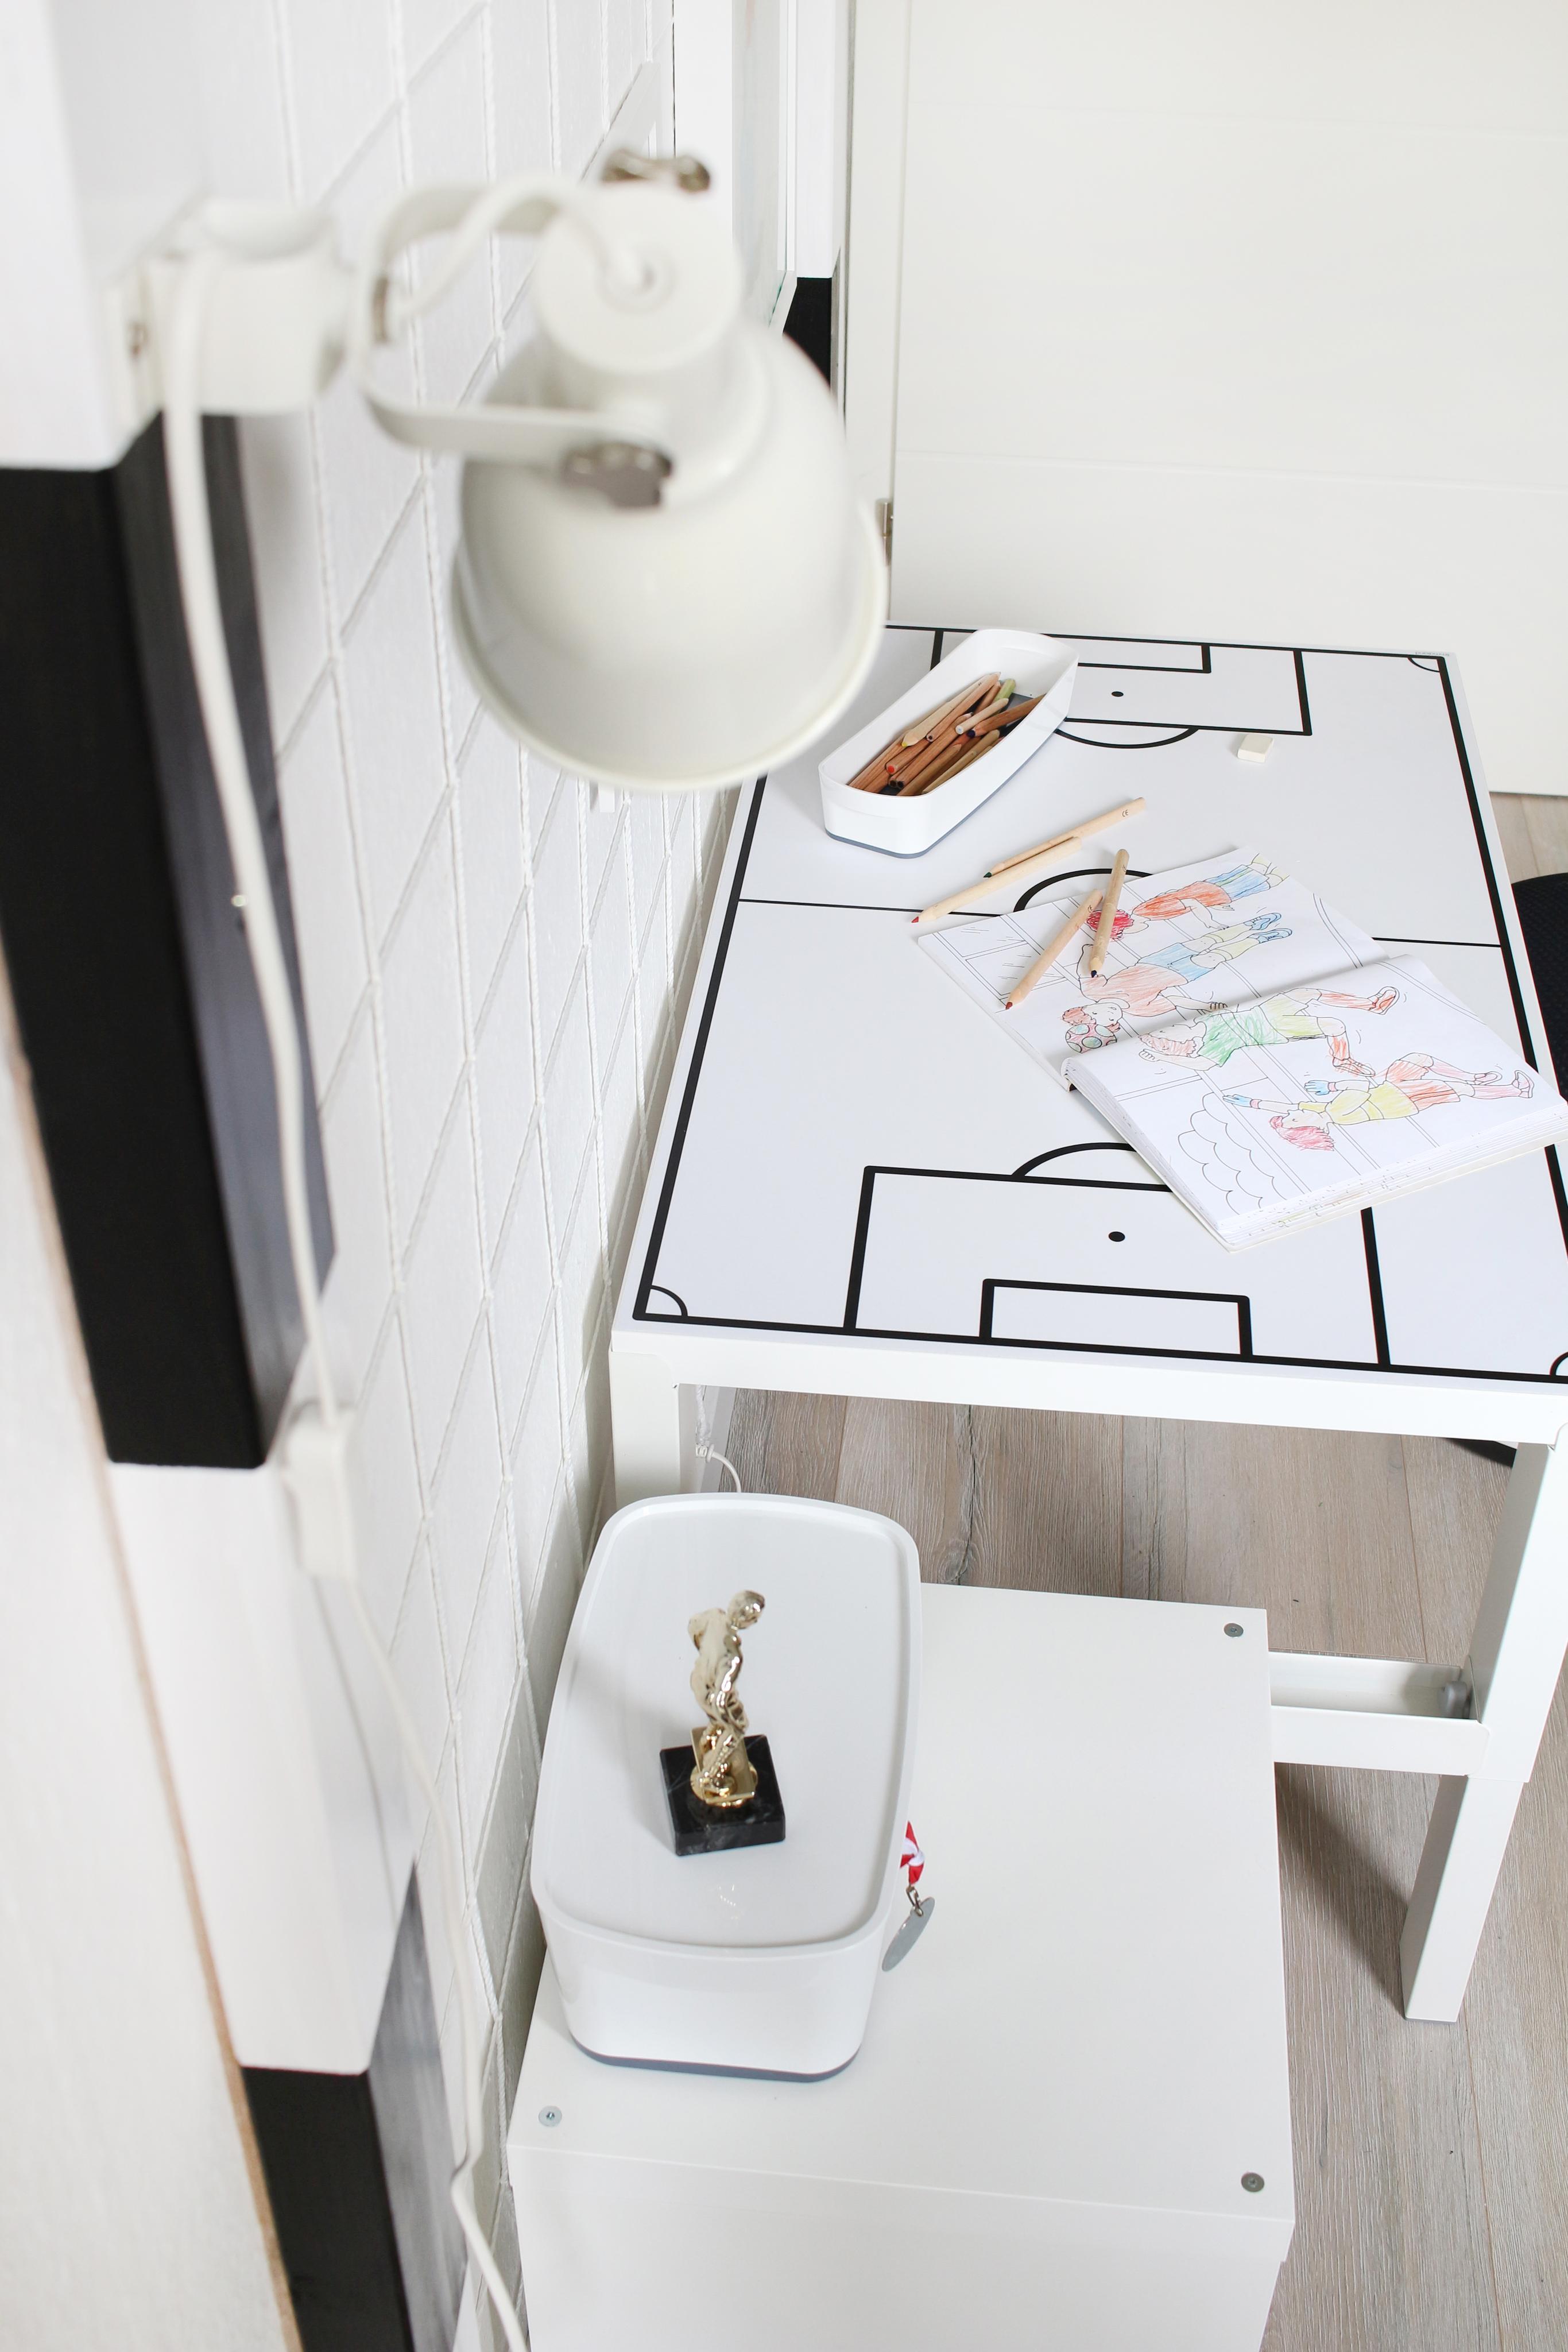 Diy Schreibtisch: Schreibtisch Selber Bauen • Bilder